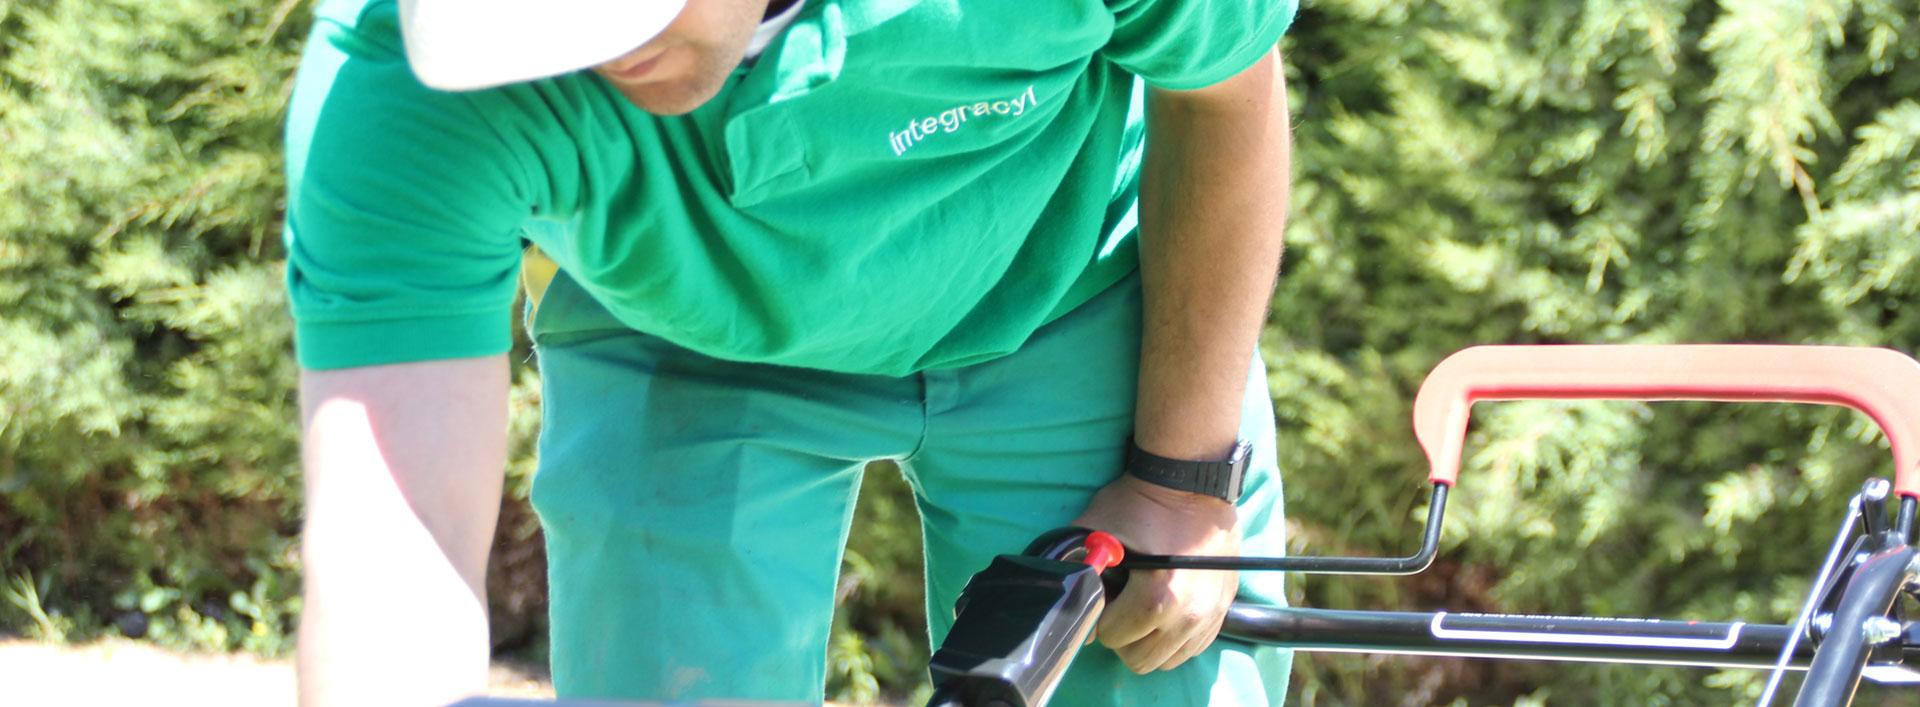 Trabajador de Integracyl, jardinero activando una máquina cortacésped